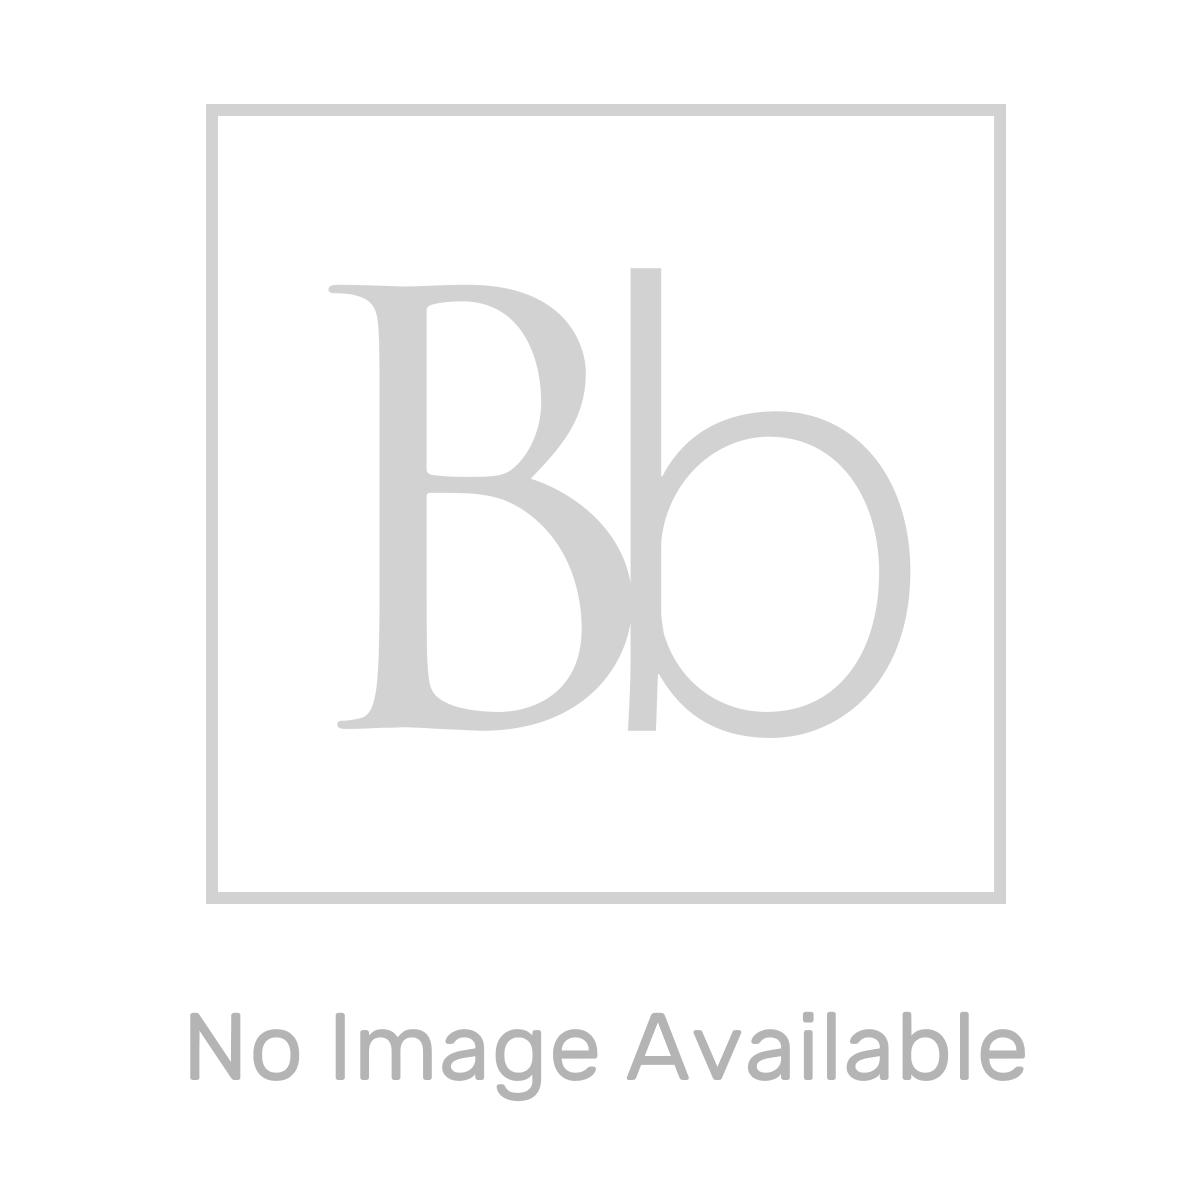 Sensio Kai Slimline LED Mirror 700 x 500 x 30 1